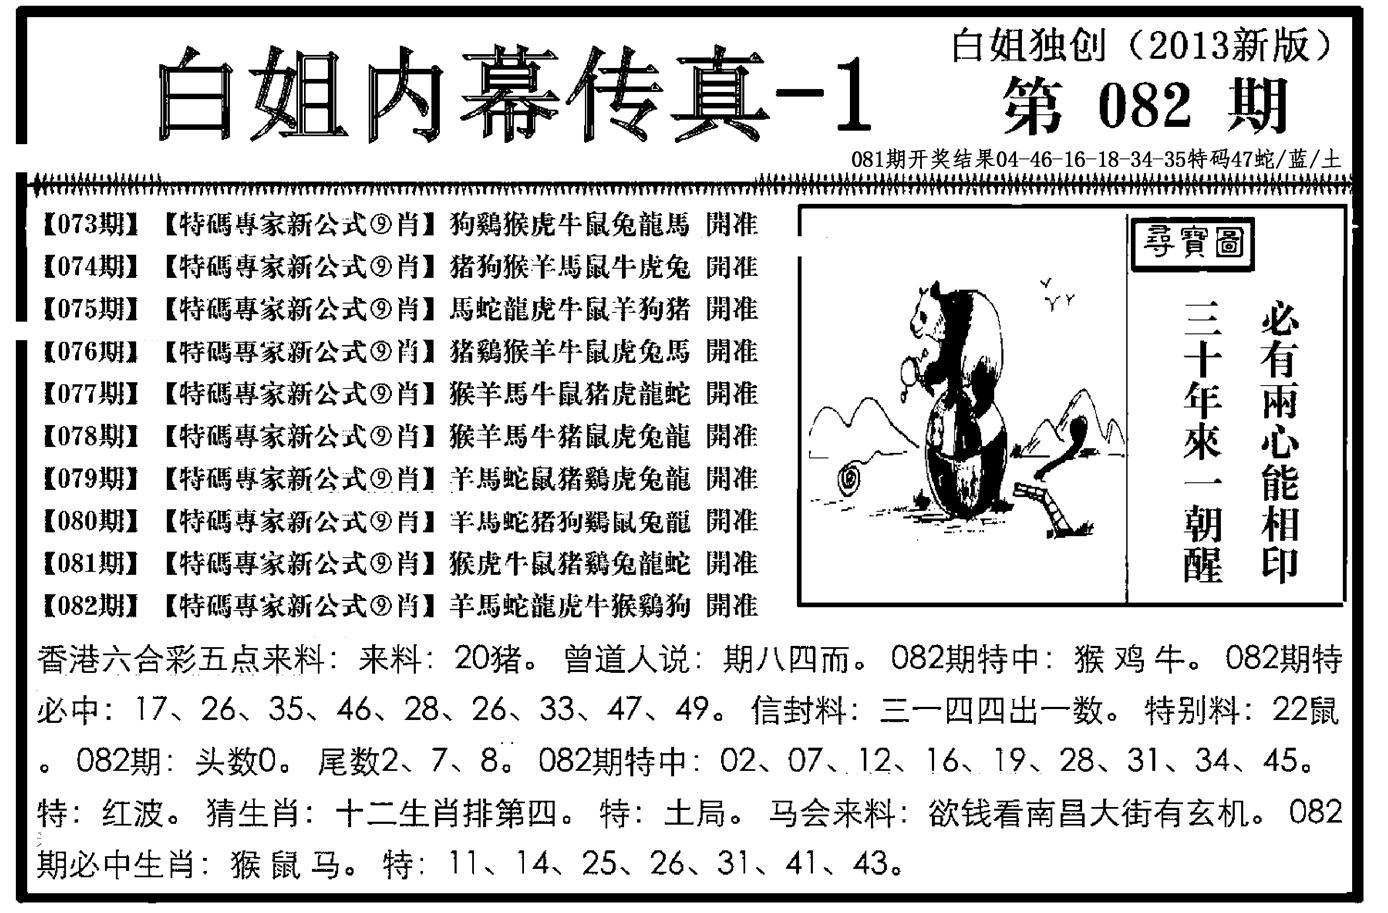 082期白姐内幕传真-1(黑白)